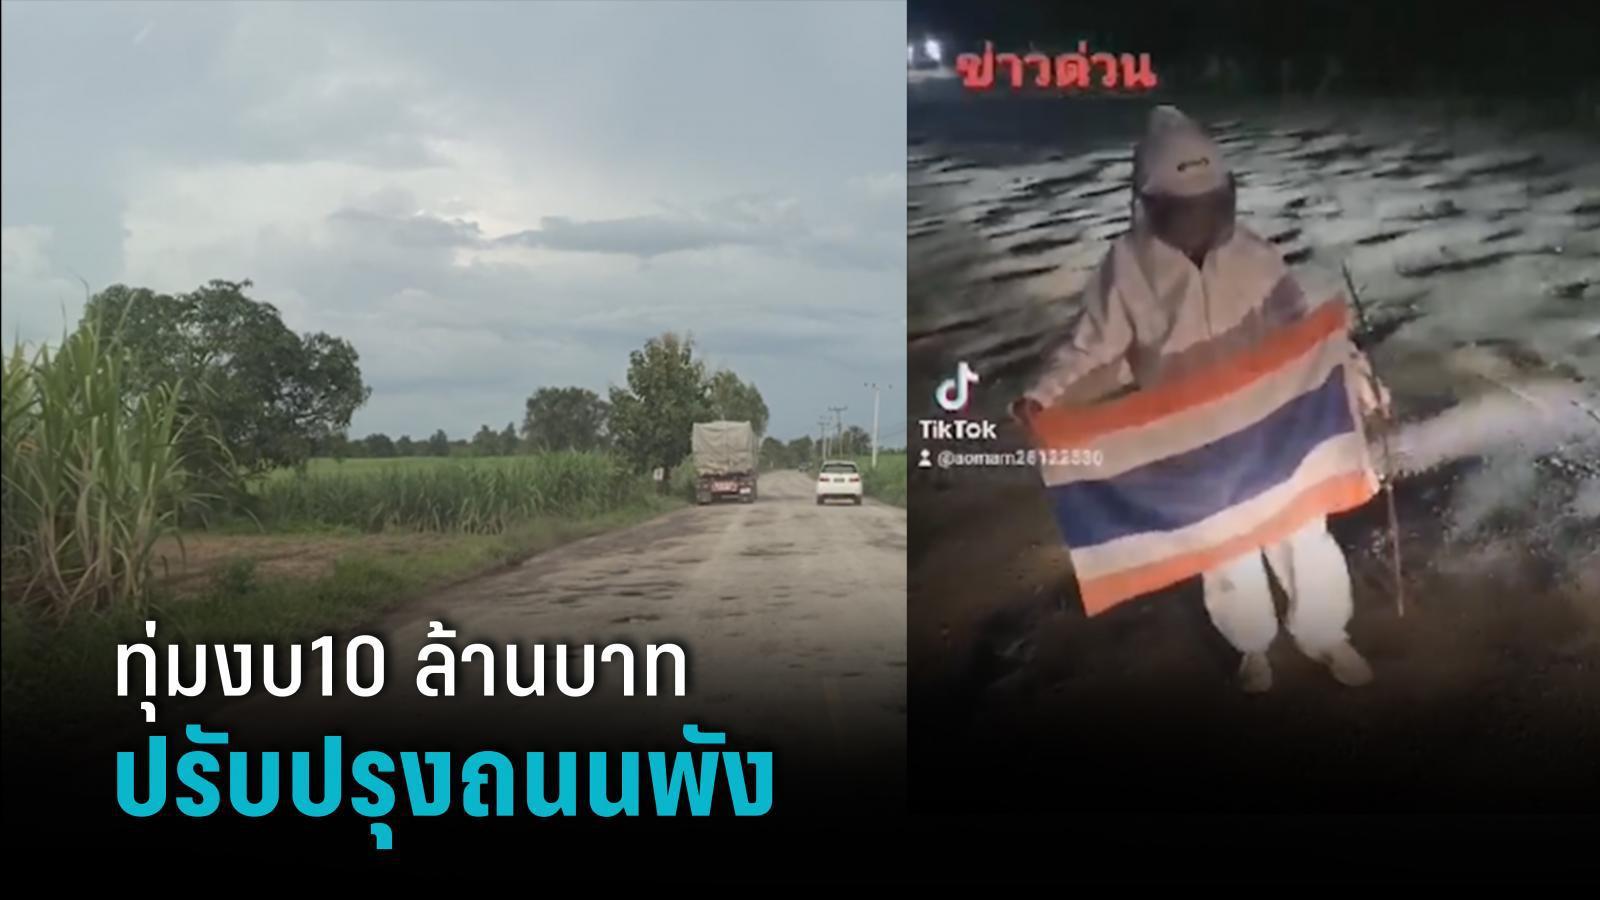 อบจ.ขอนแก่น ทุ่มงบ10 ล้านบาทซ่อมถนน หลังมนุษย์อวกาศนำธงชาติไทยไปปัก